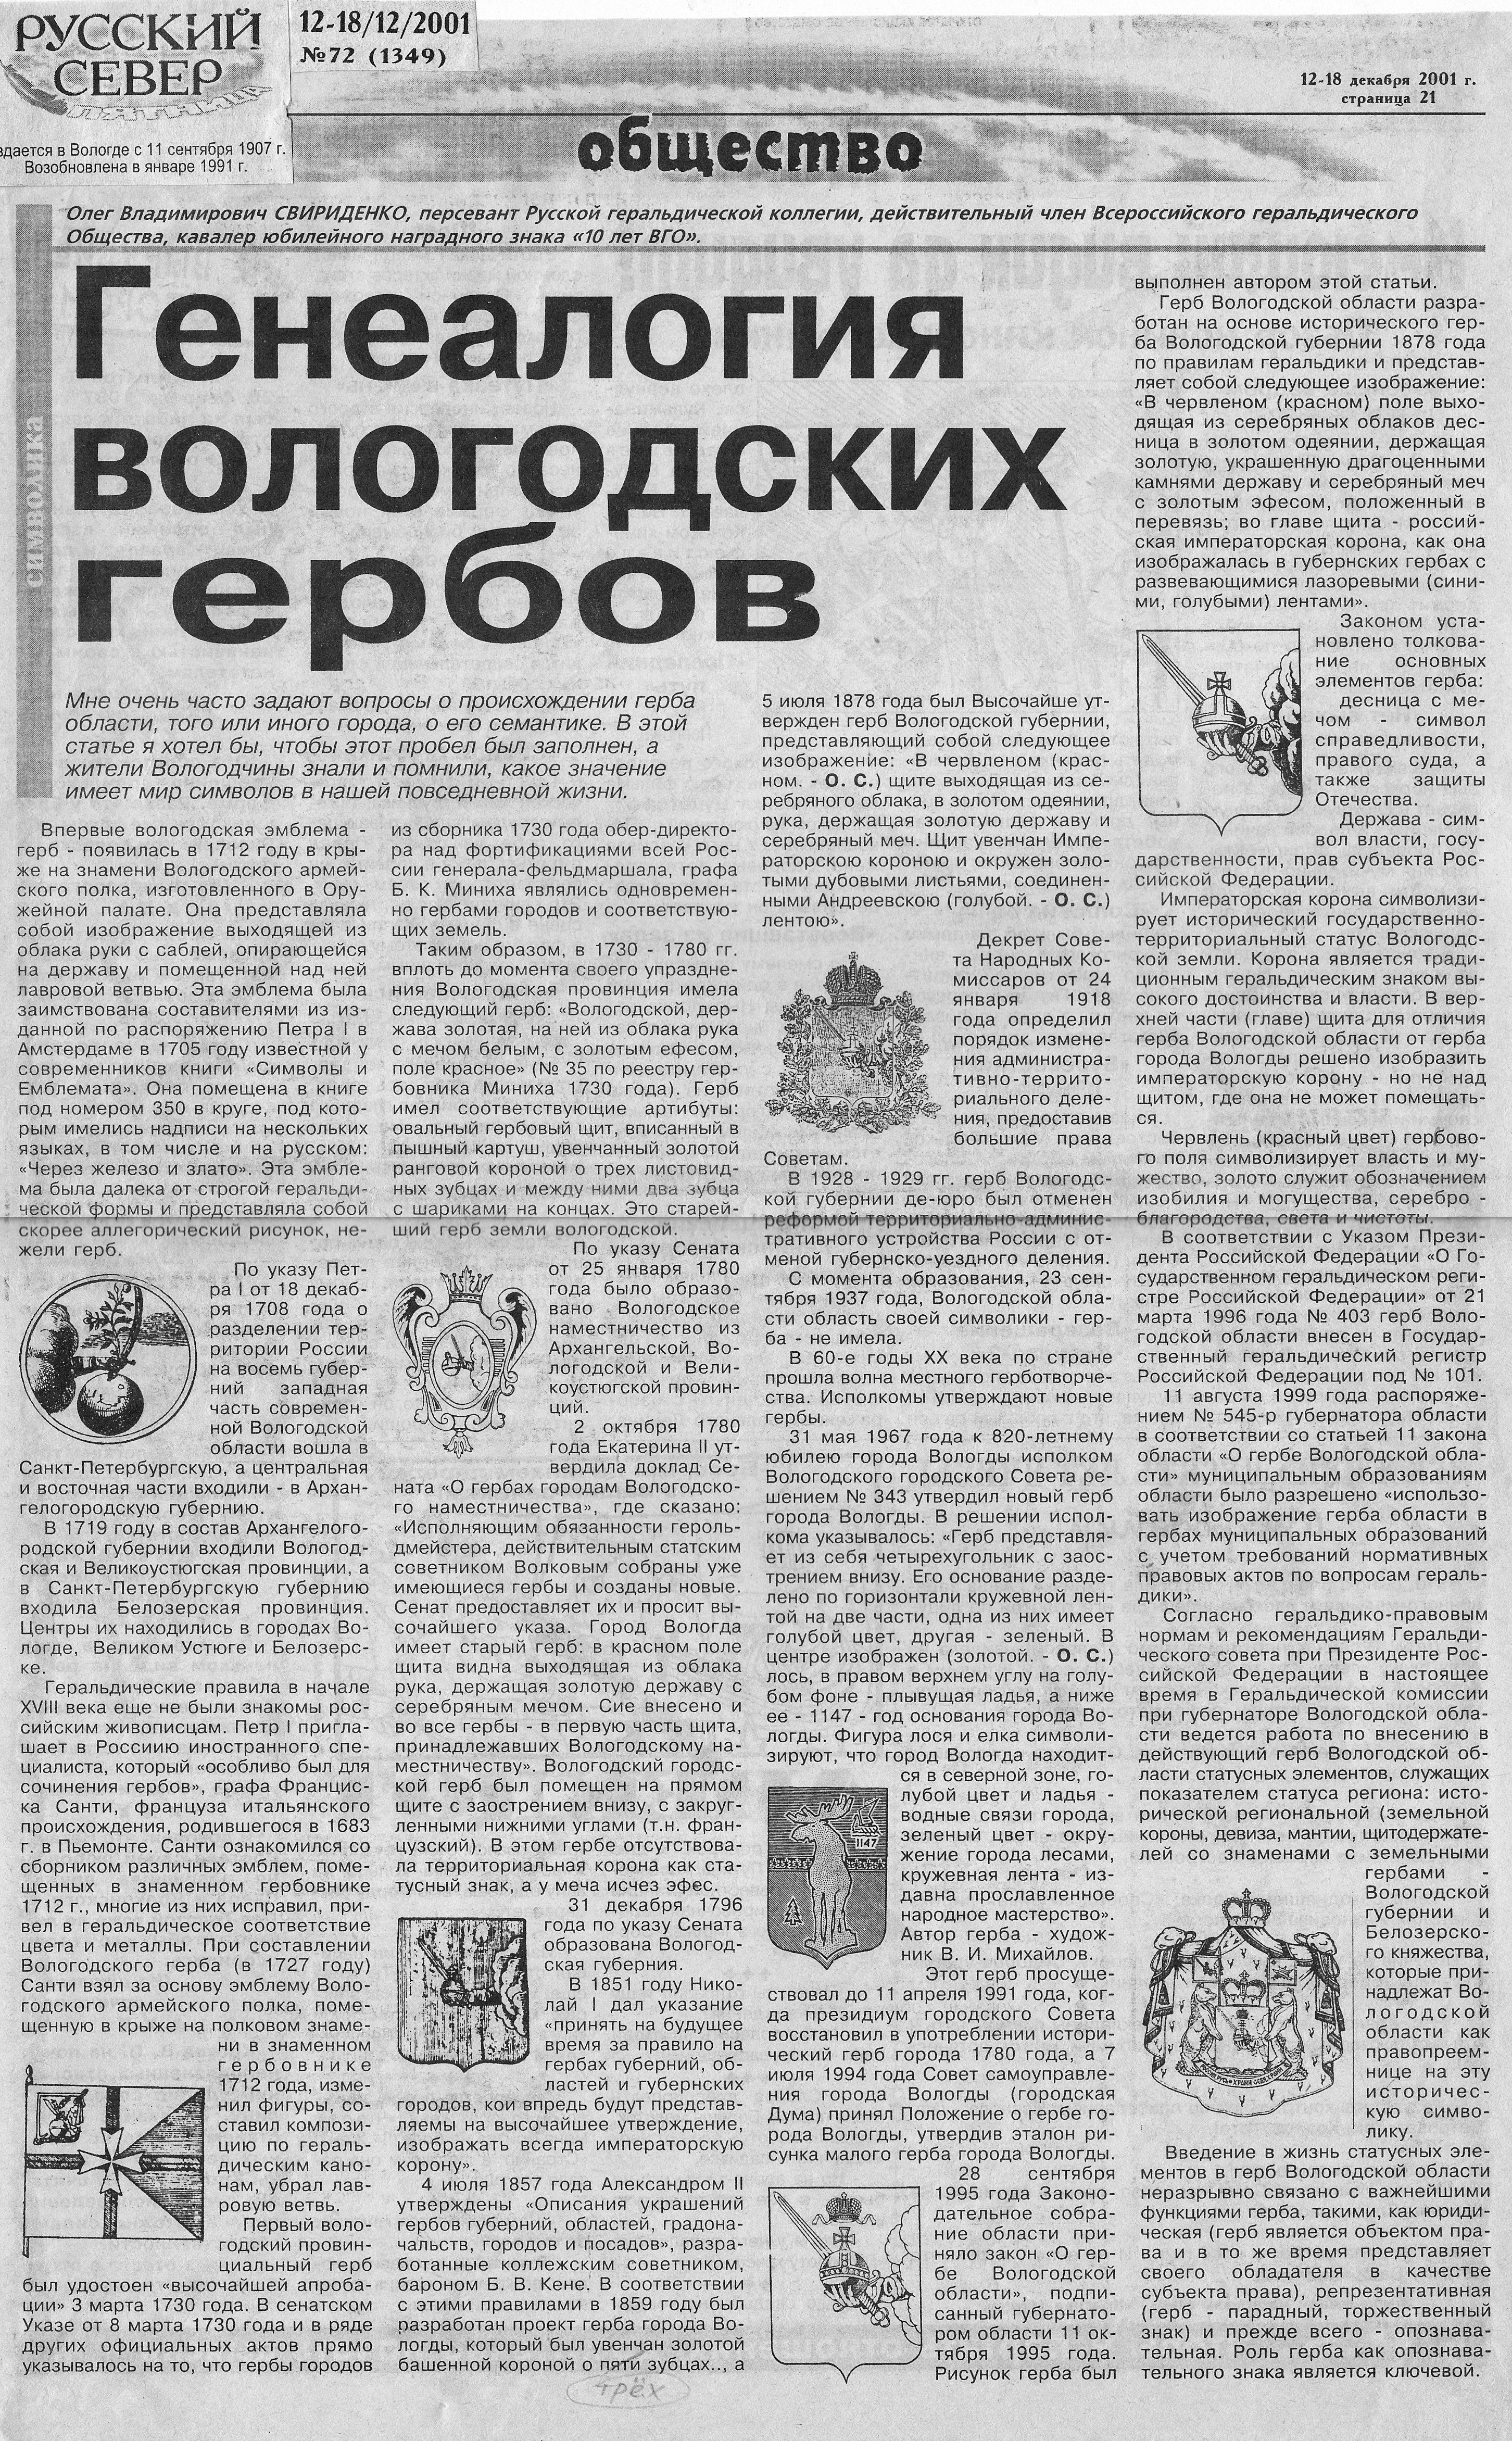 генеалогия вологодских гербов-1